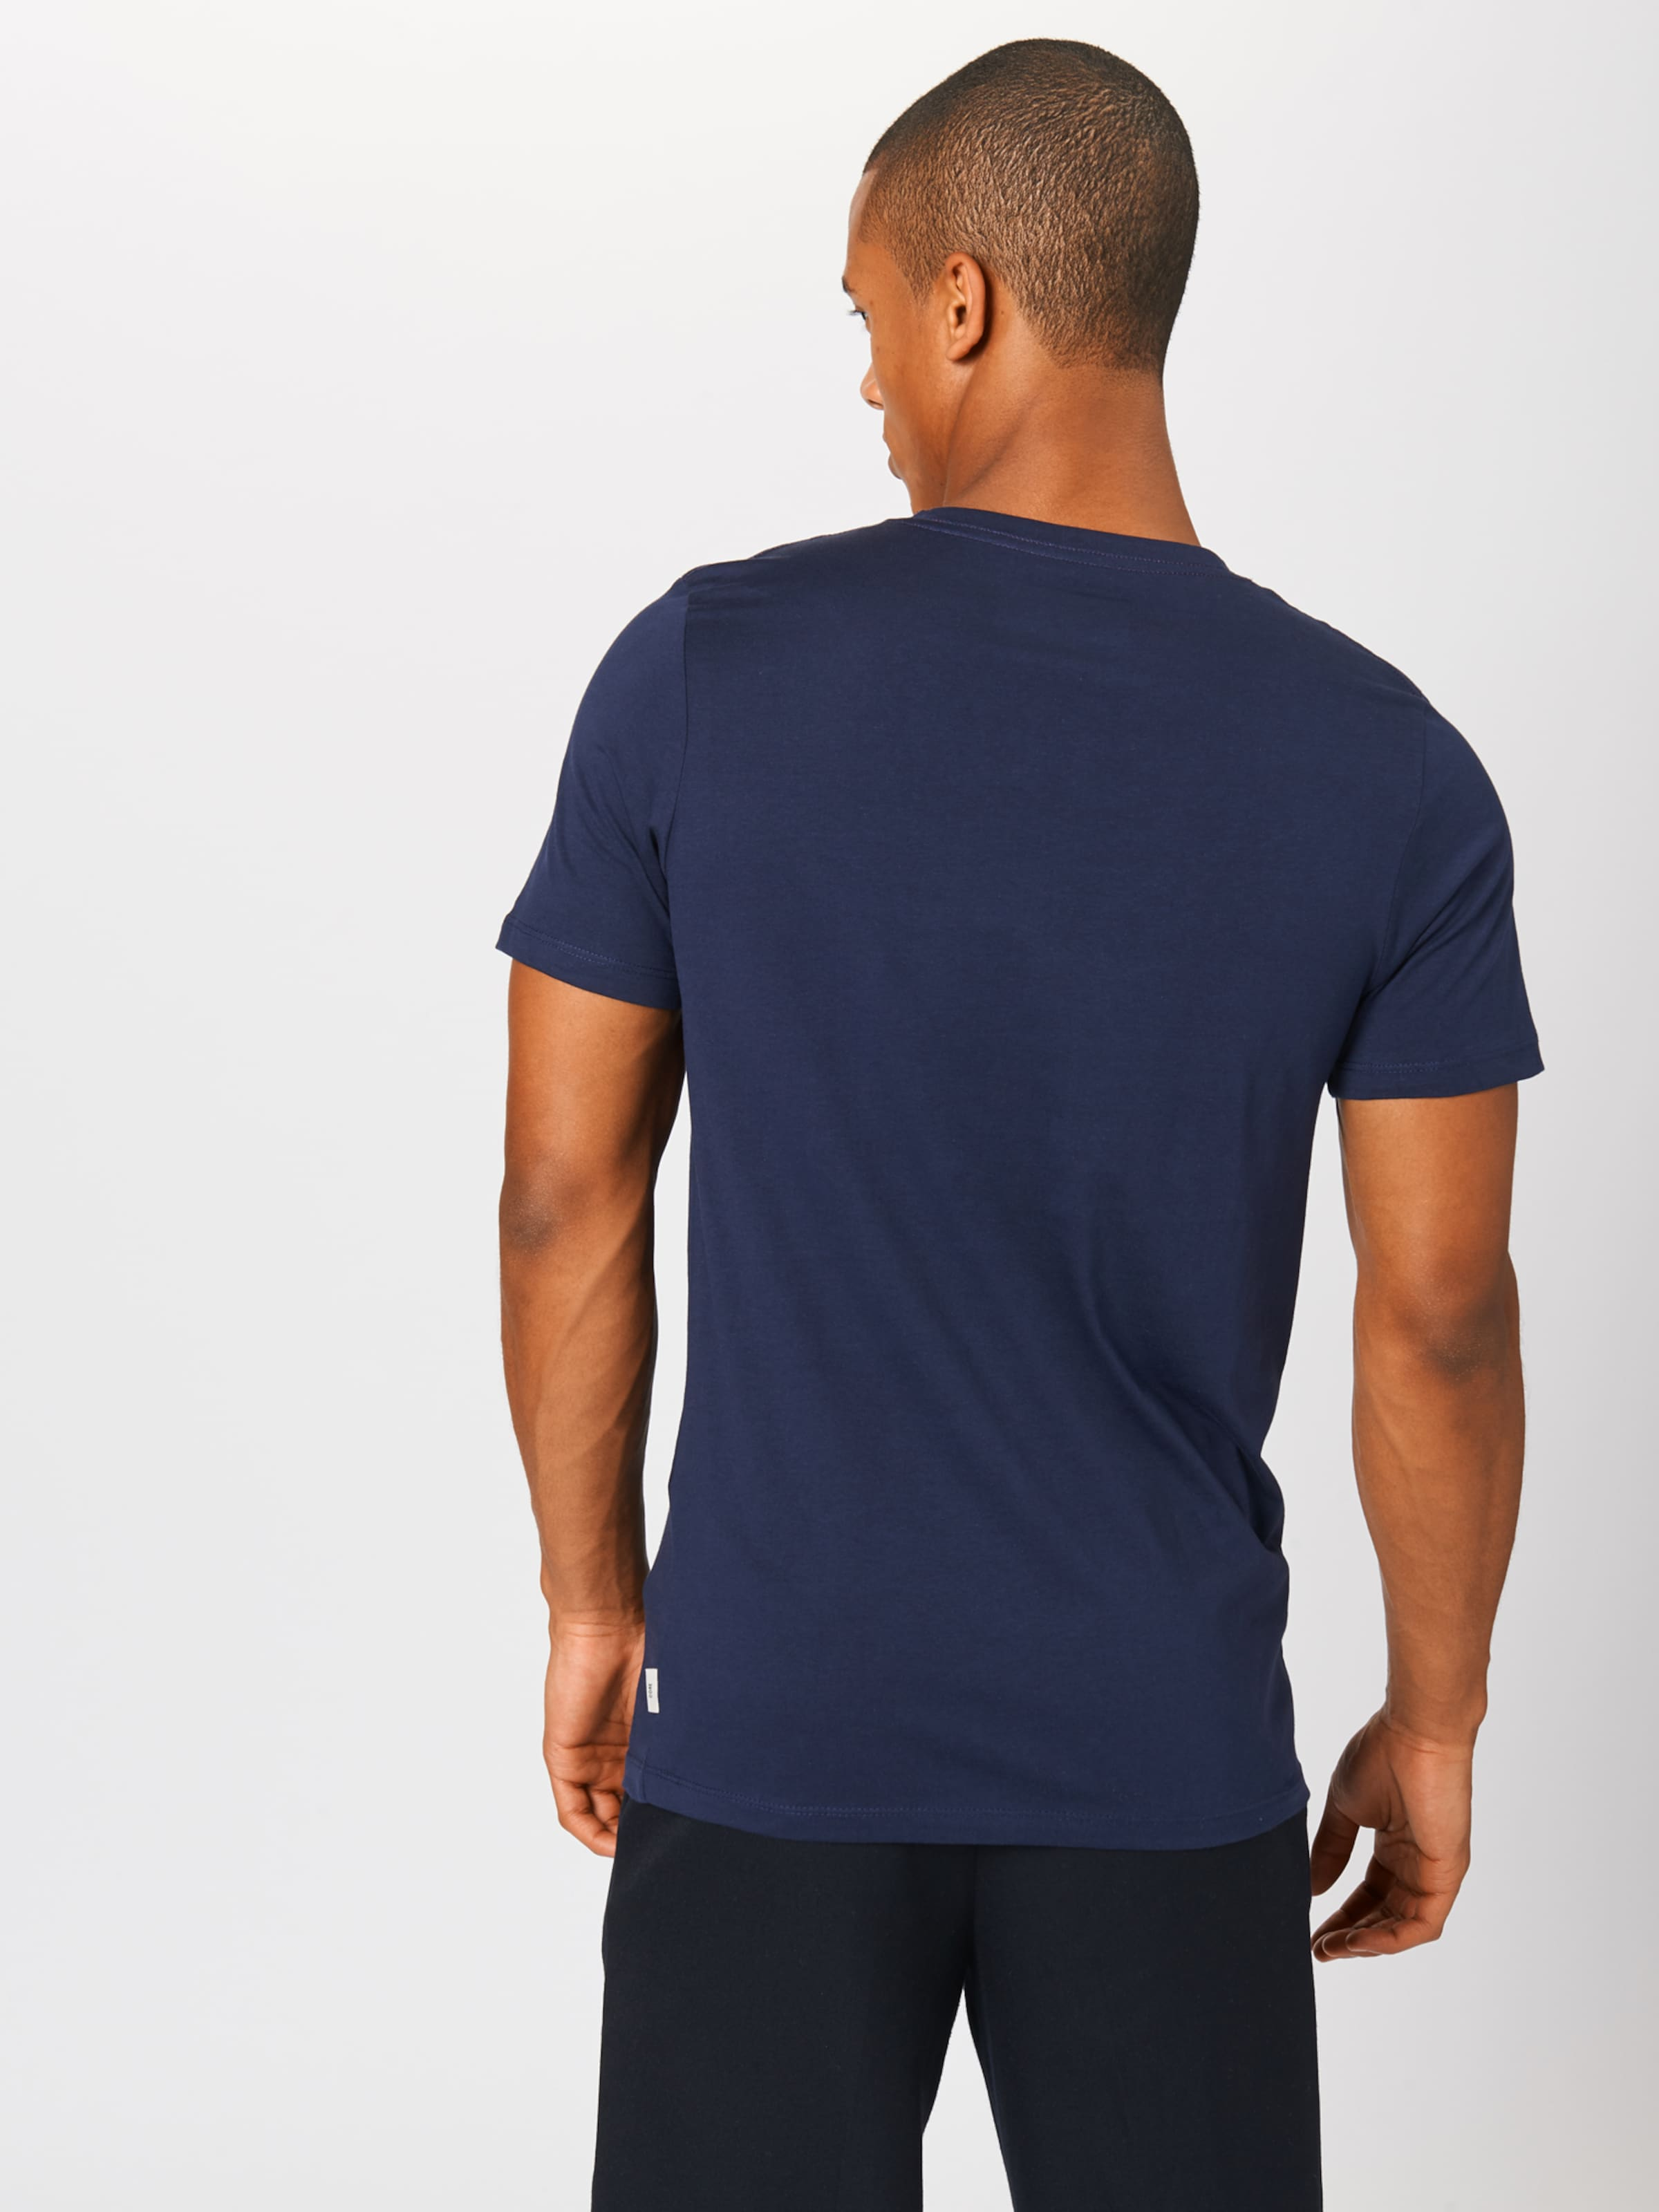 Jackamp; De En shirt Jones Mélange T CouleursBlanc fgb7yI6Yv